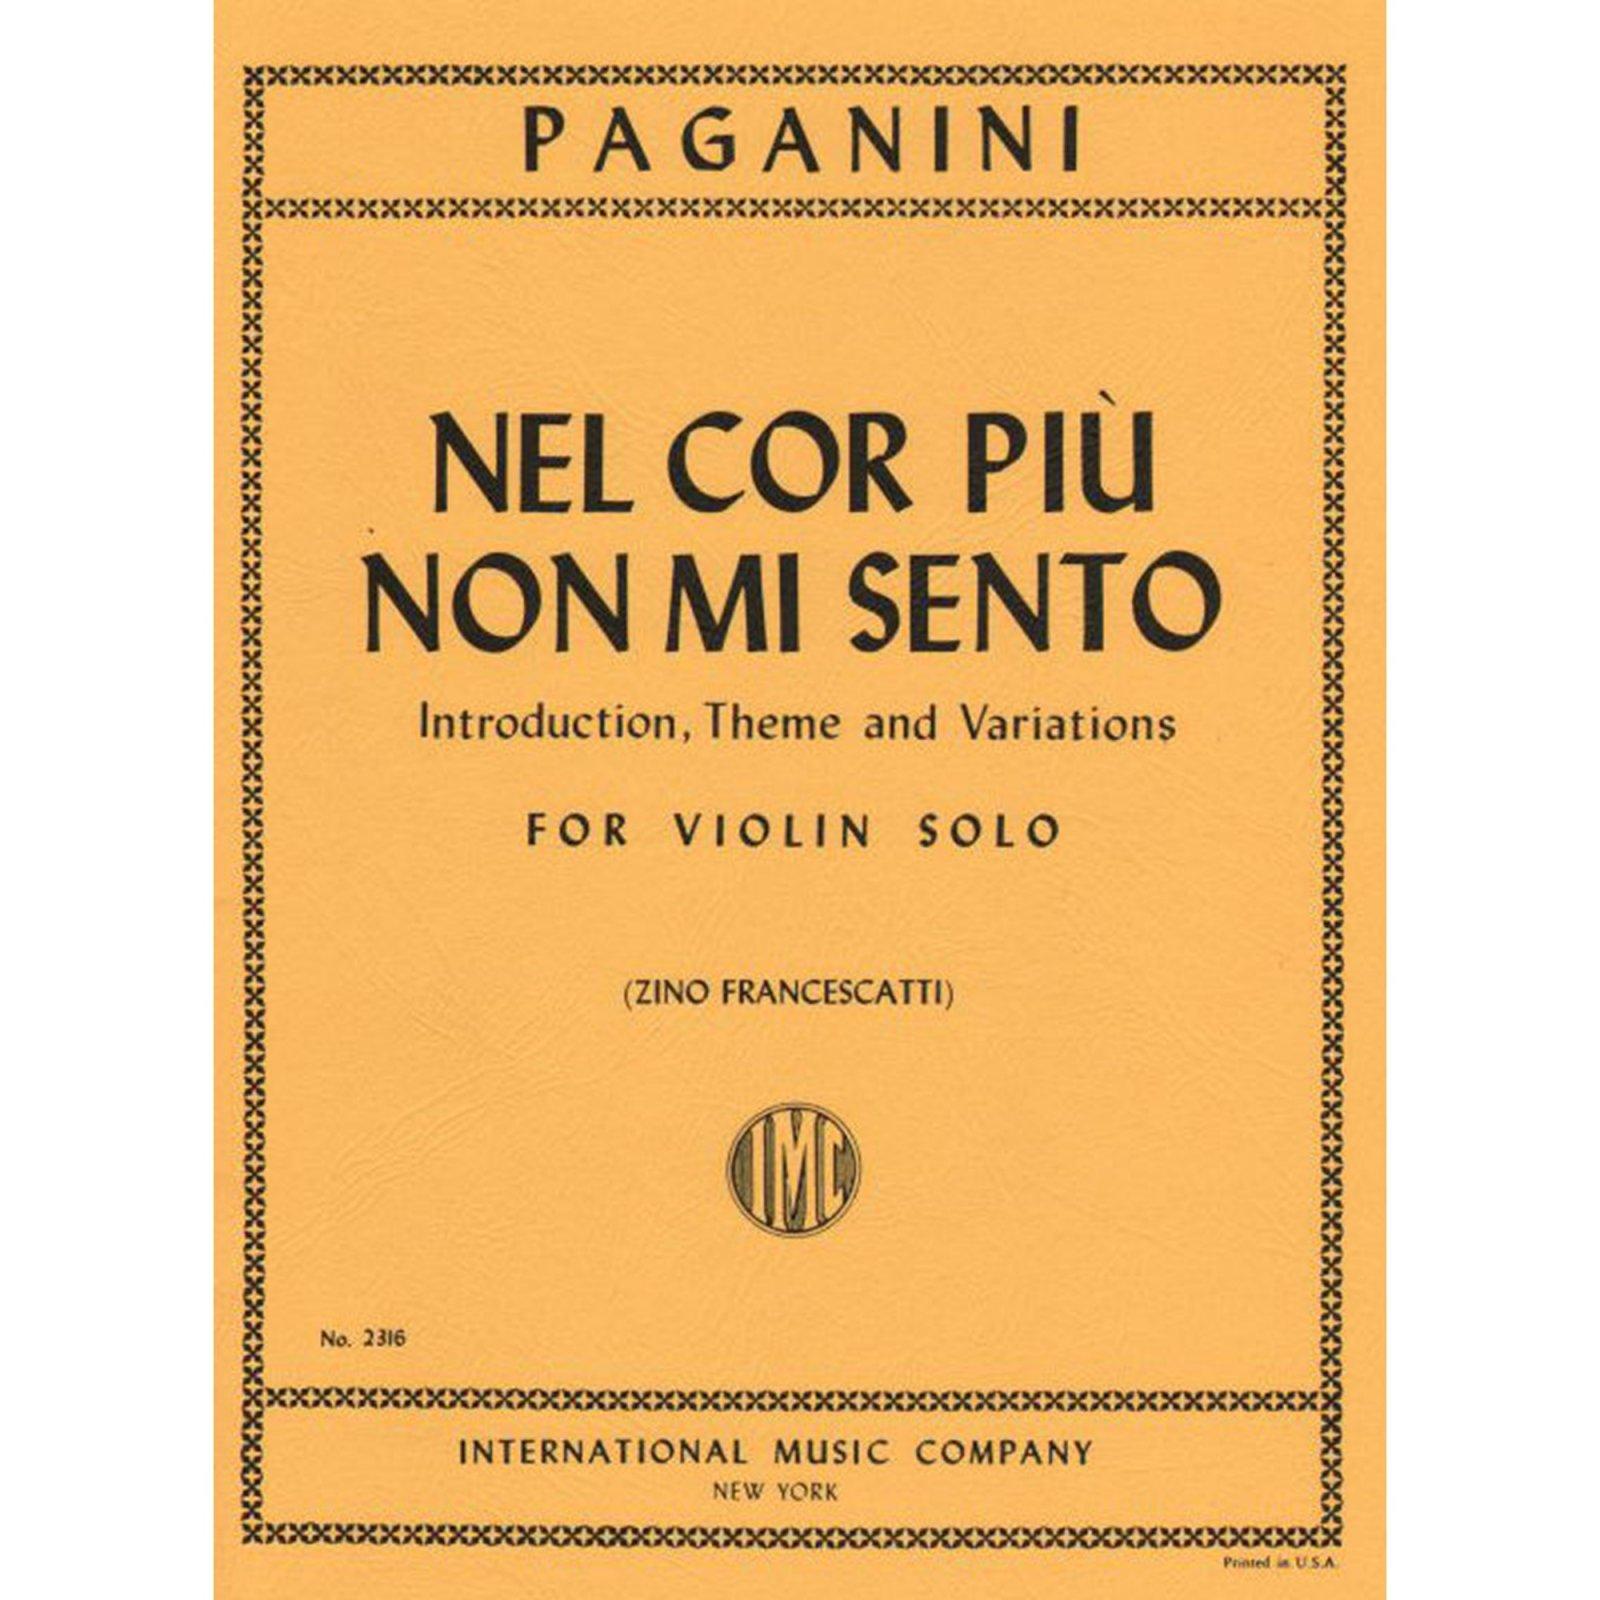 Paganini: Nel Cor Piu Non Mi Sento Ed. Francescatti